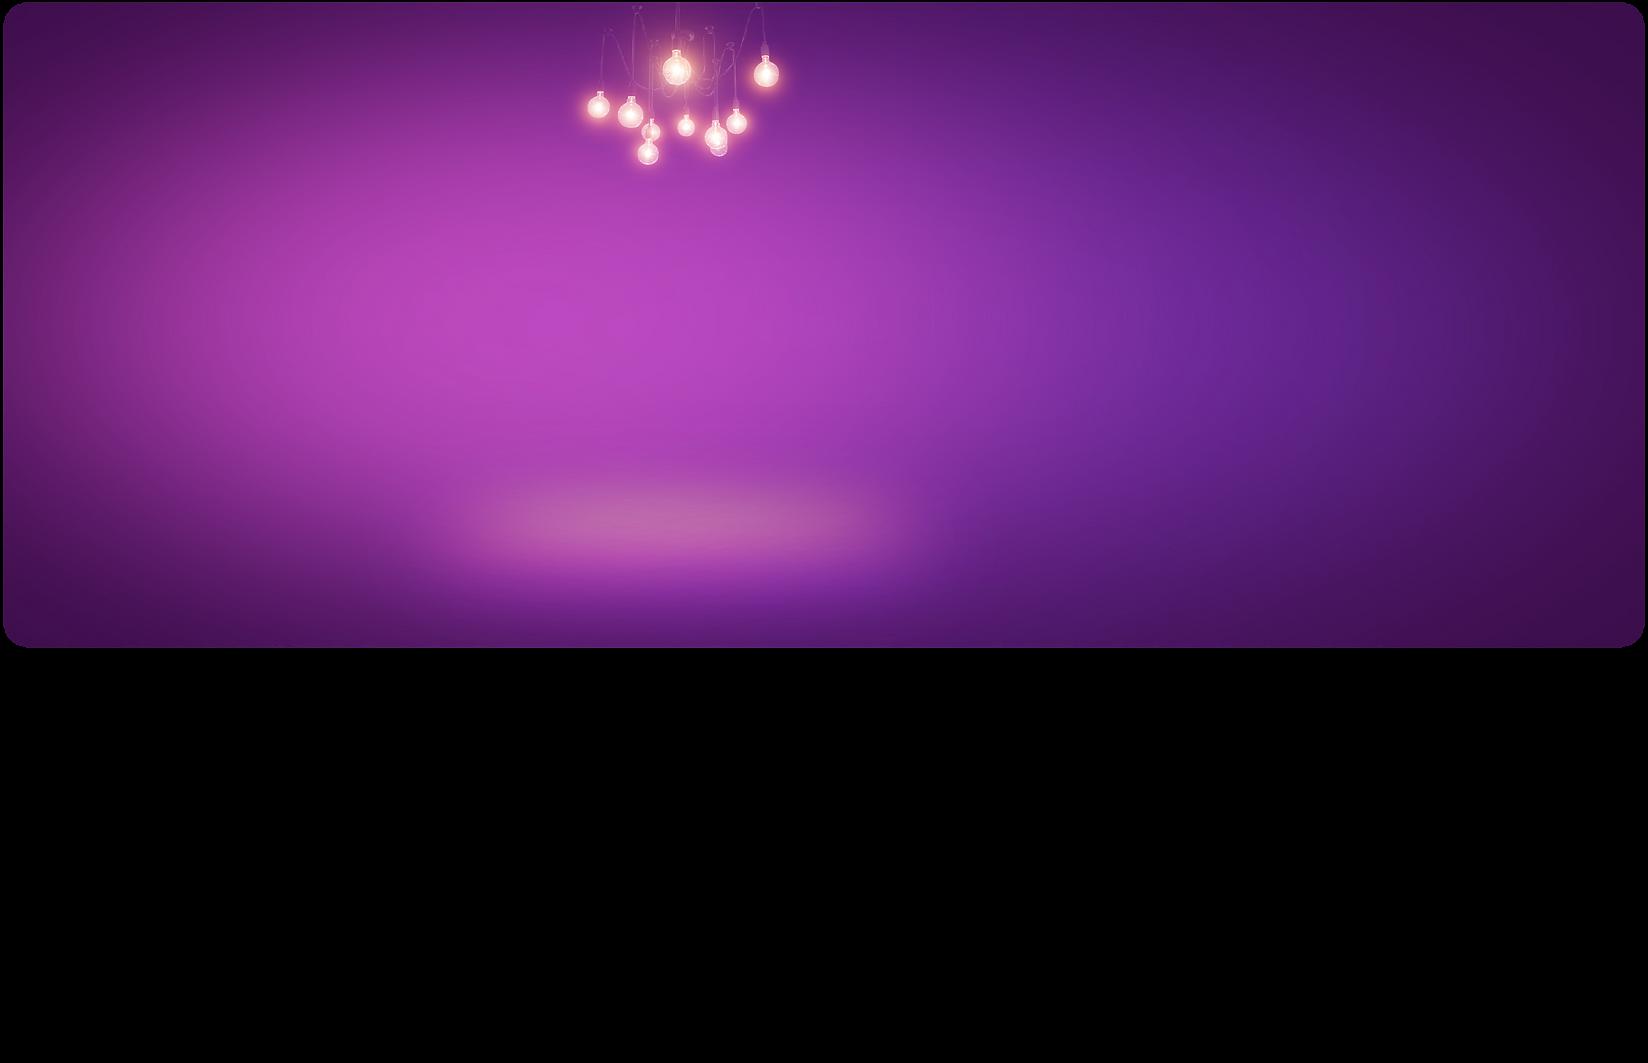 Main image 0df2.png